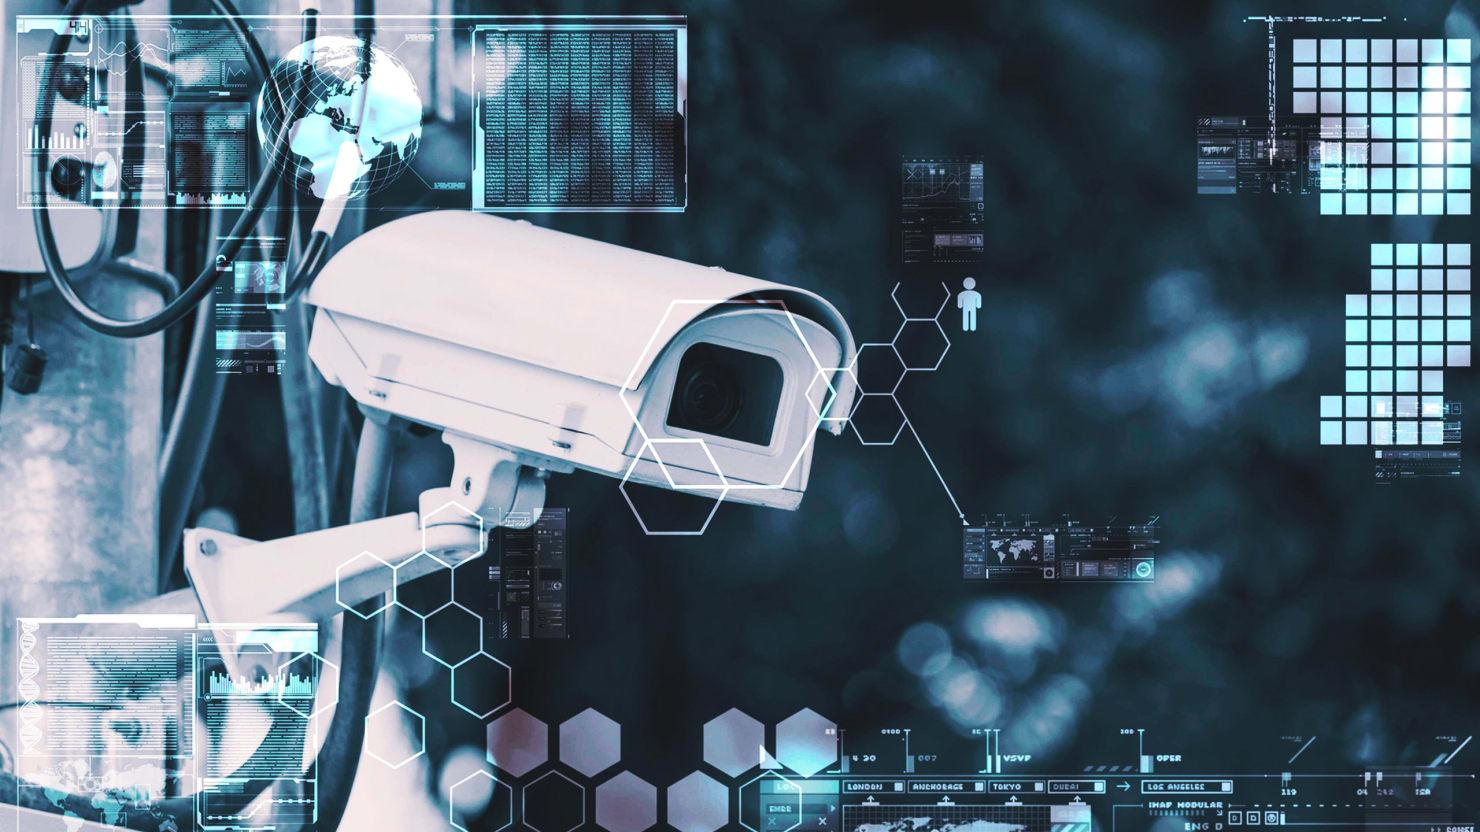 Ideata in Giappone una telecamera intelligente contro i furti nei negozi